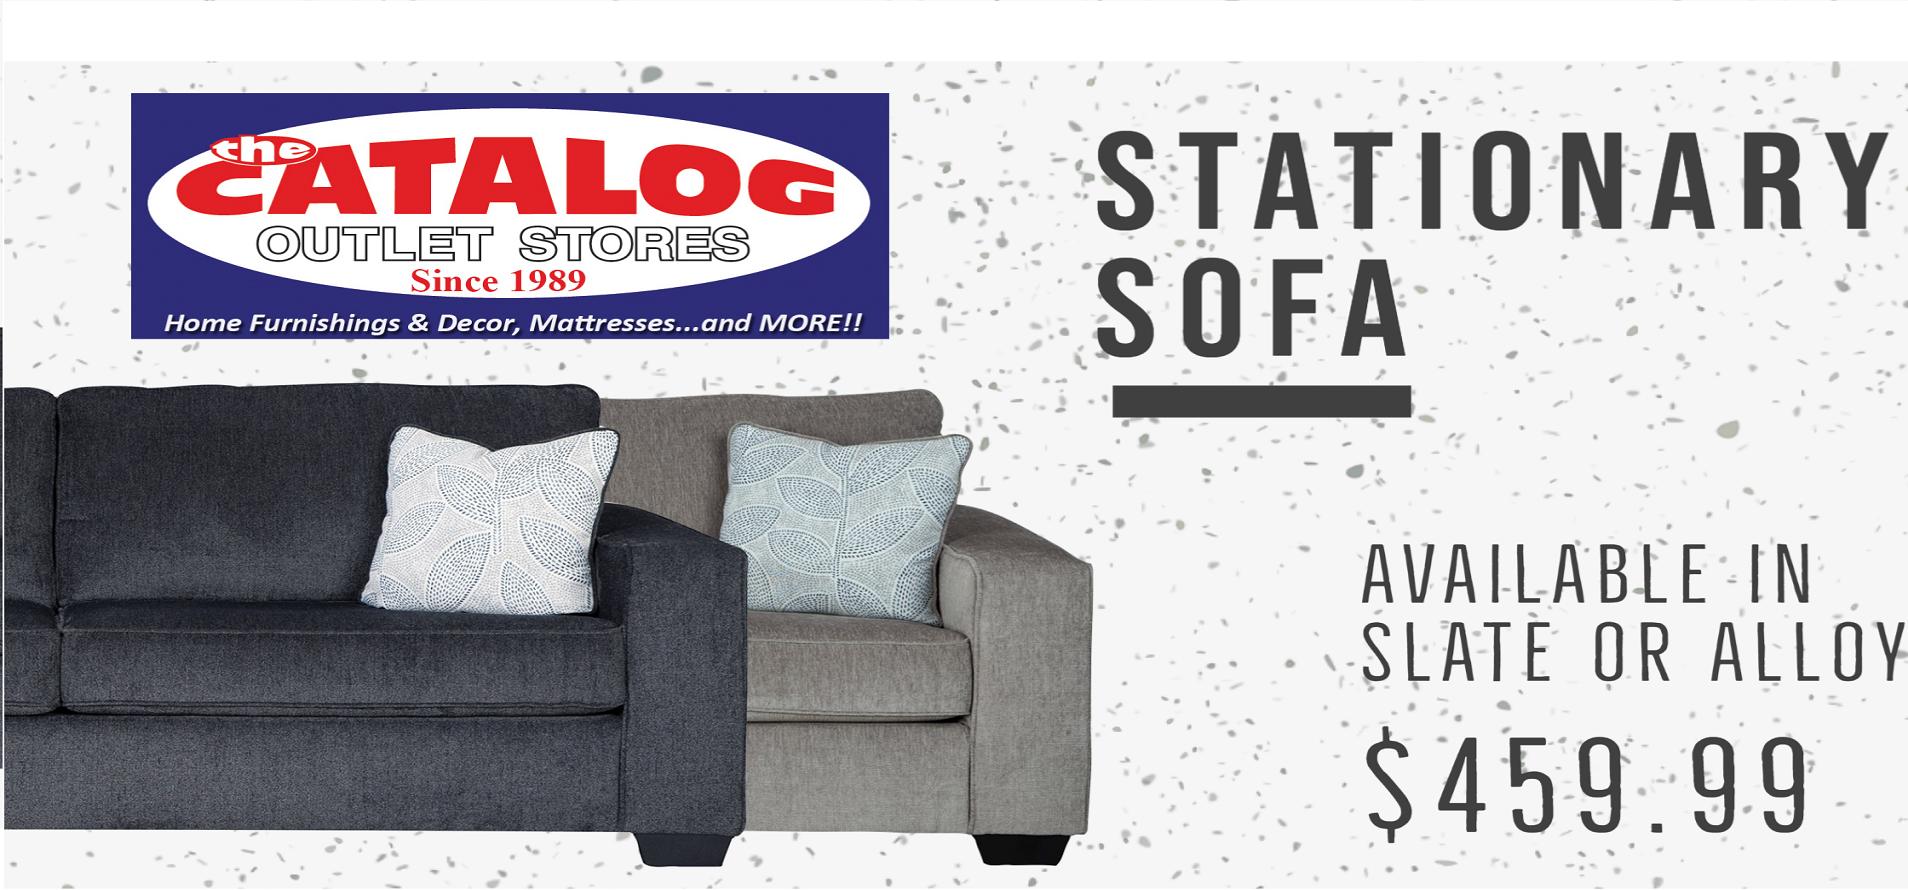 Stationary Sofa $459.99